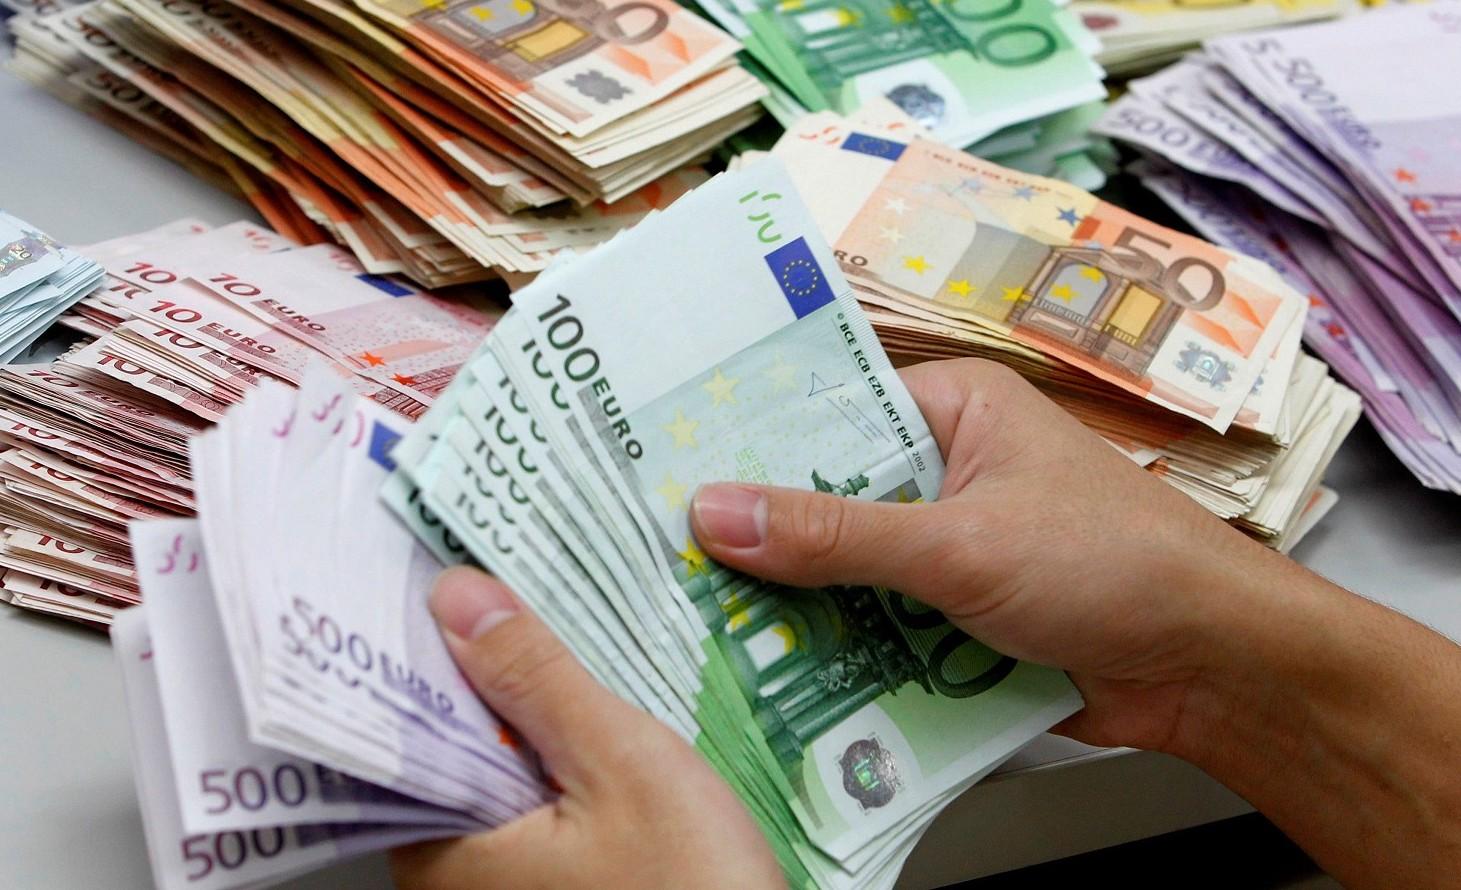 Conti deposito Aprile 2017 e Mutui tassi